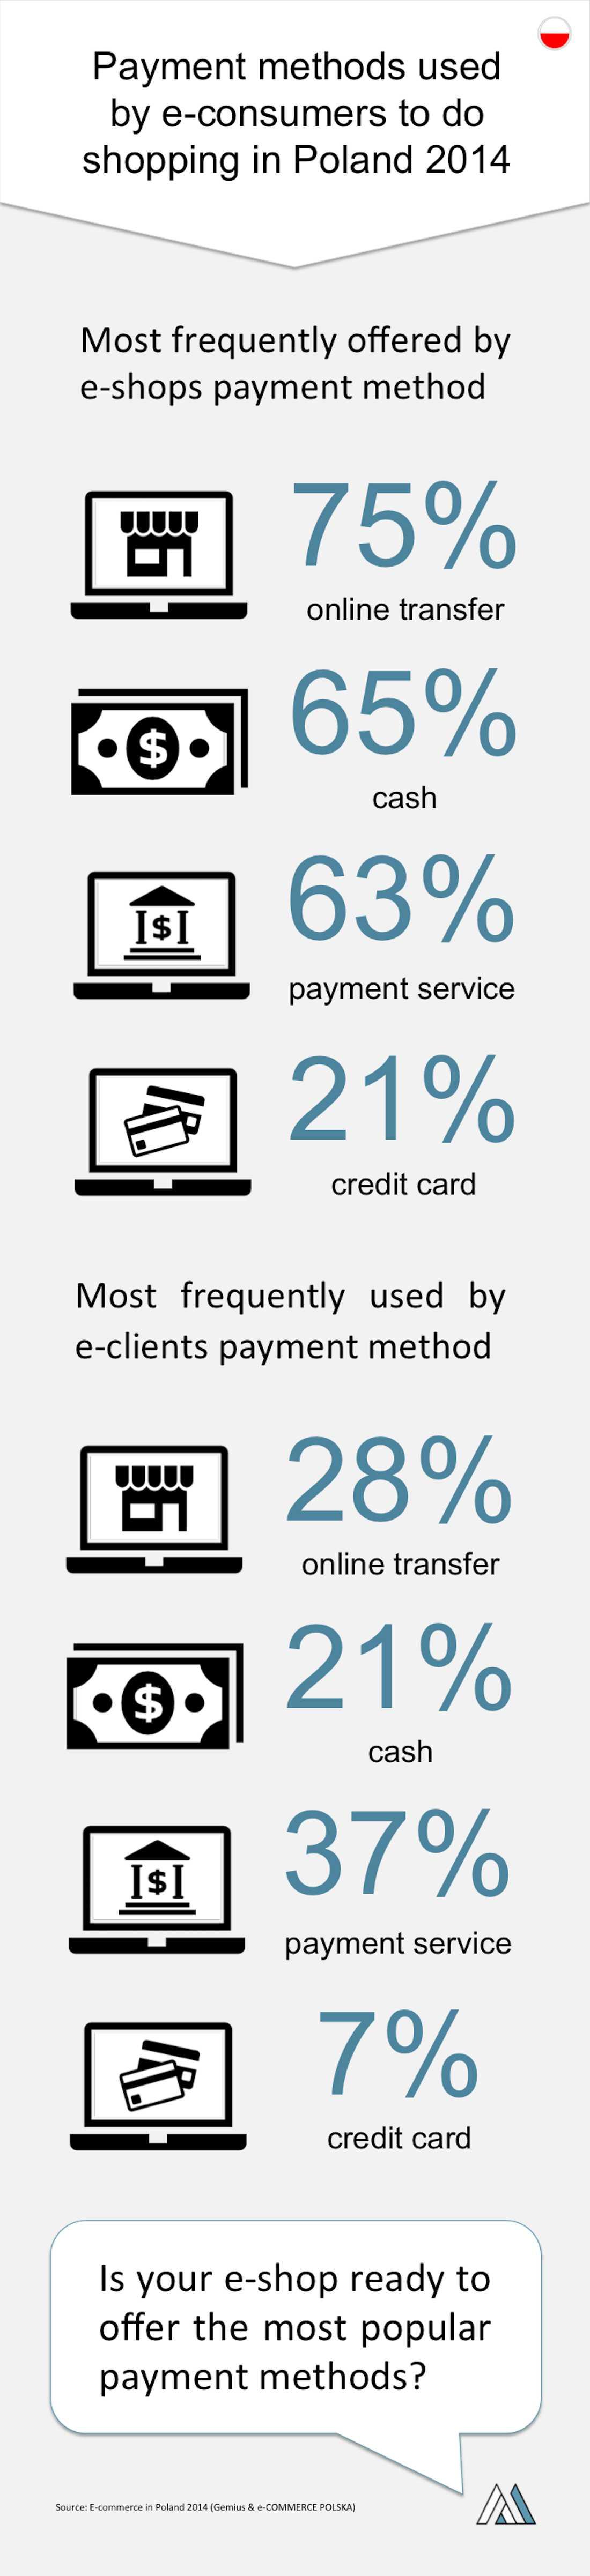 Najpopularniejsze Metody Platnosci W Polsce Marketing I Reklama Internetowa Szkolenia Warsztaty Wdrozenia Adalliance Credit Card Payment Cards